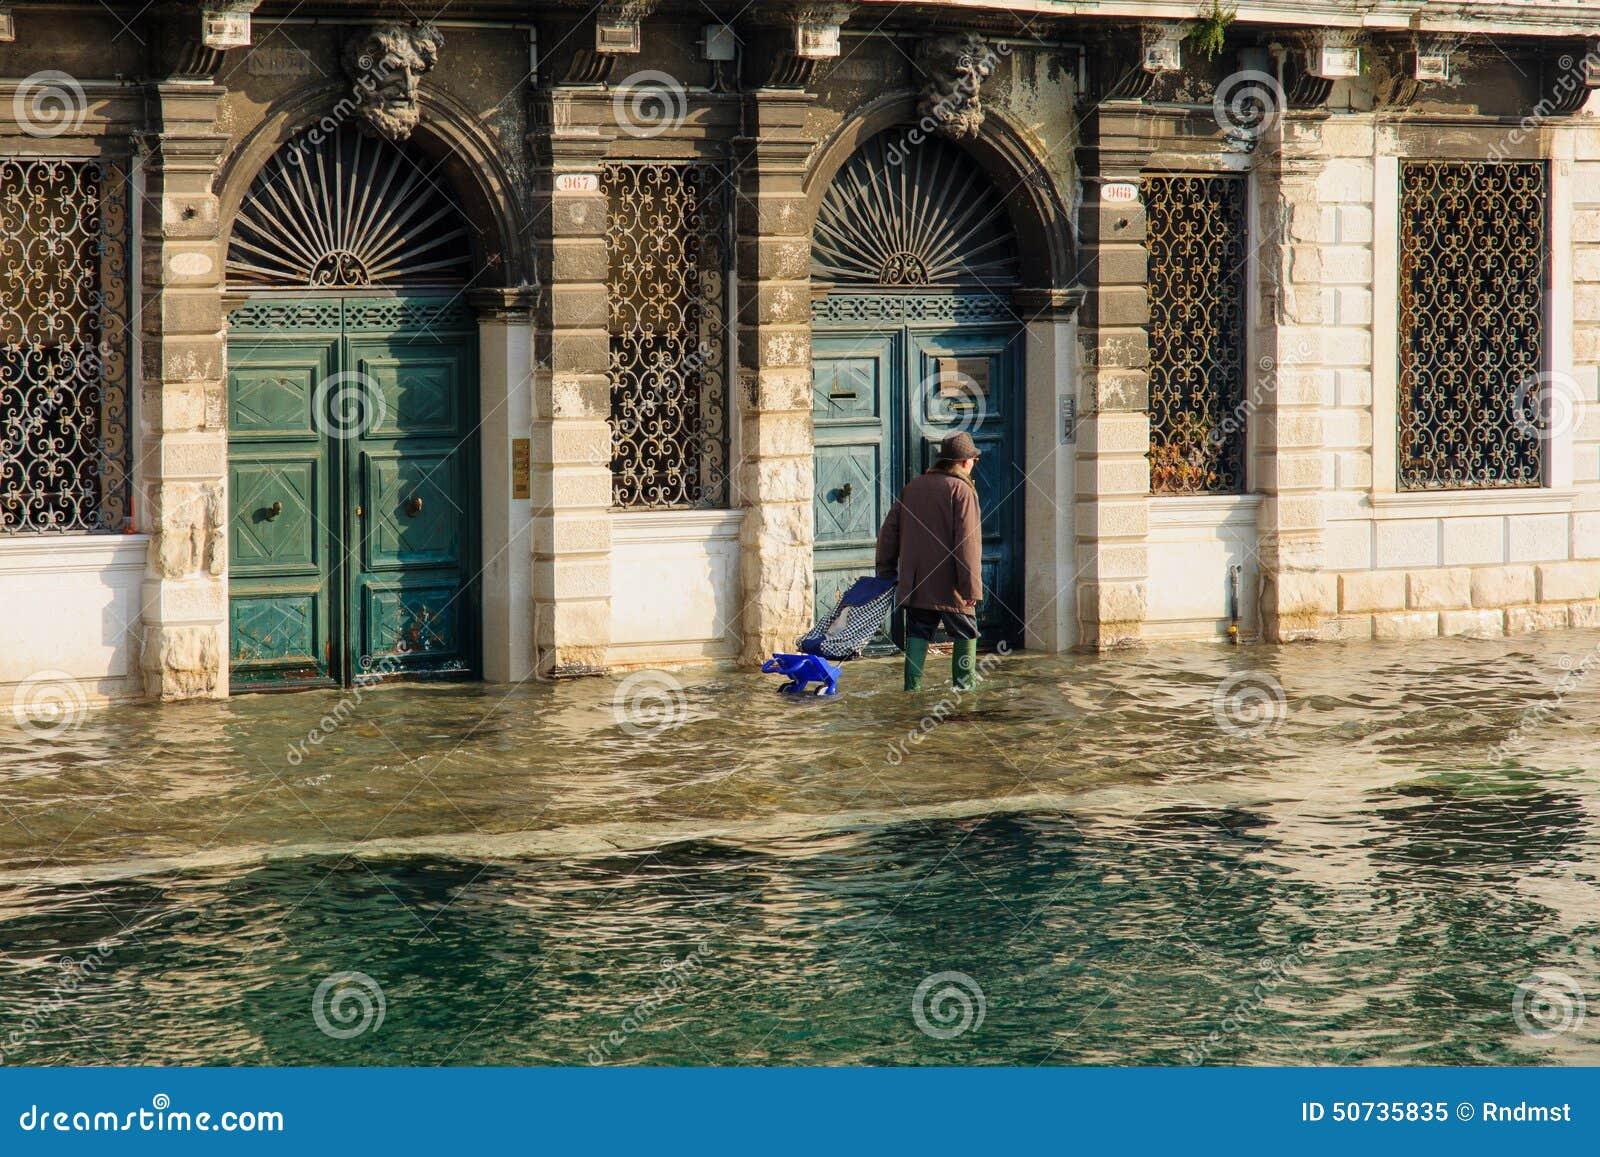 Zalewająca ulica, Wenecja